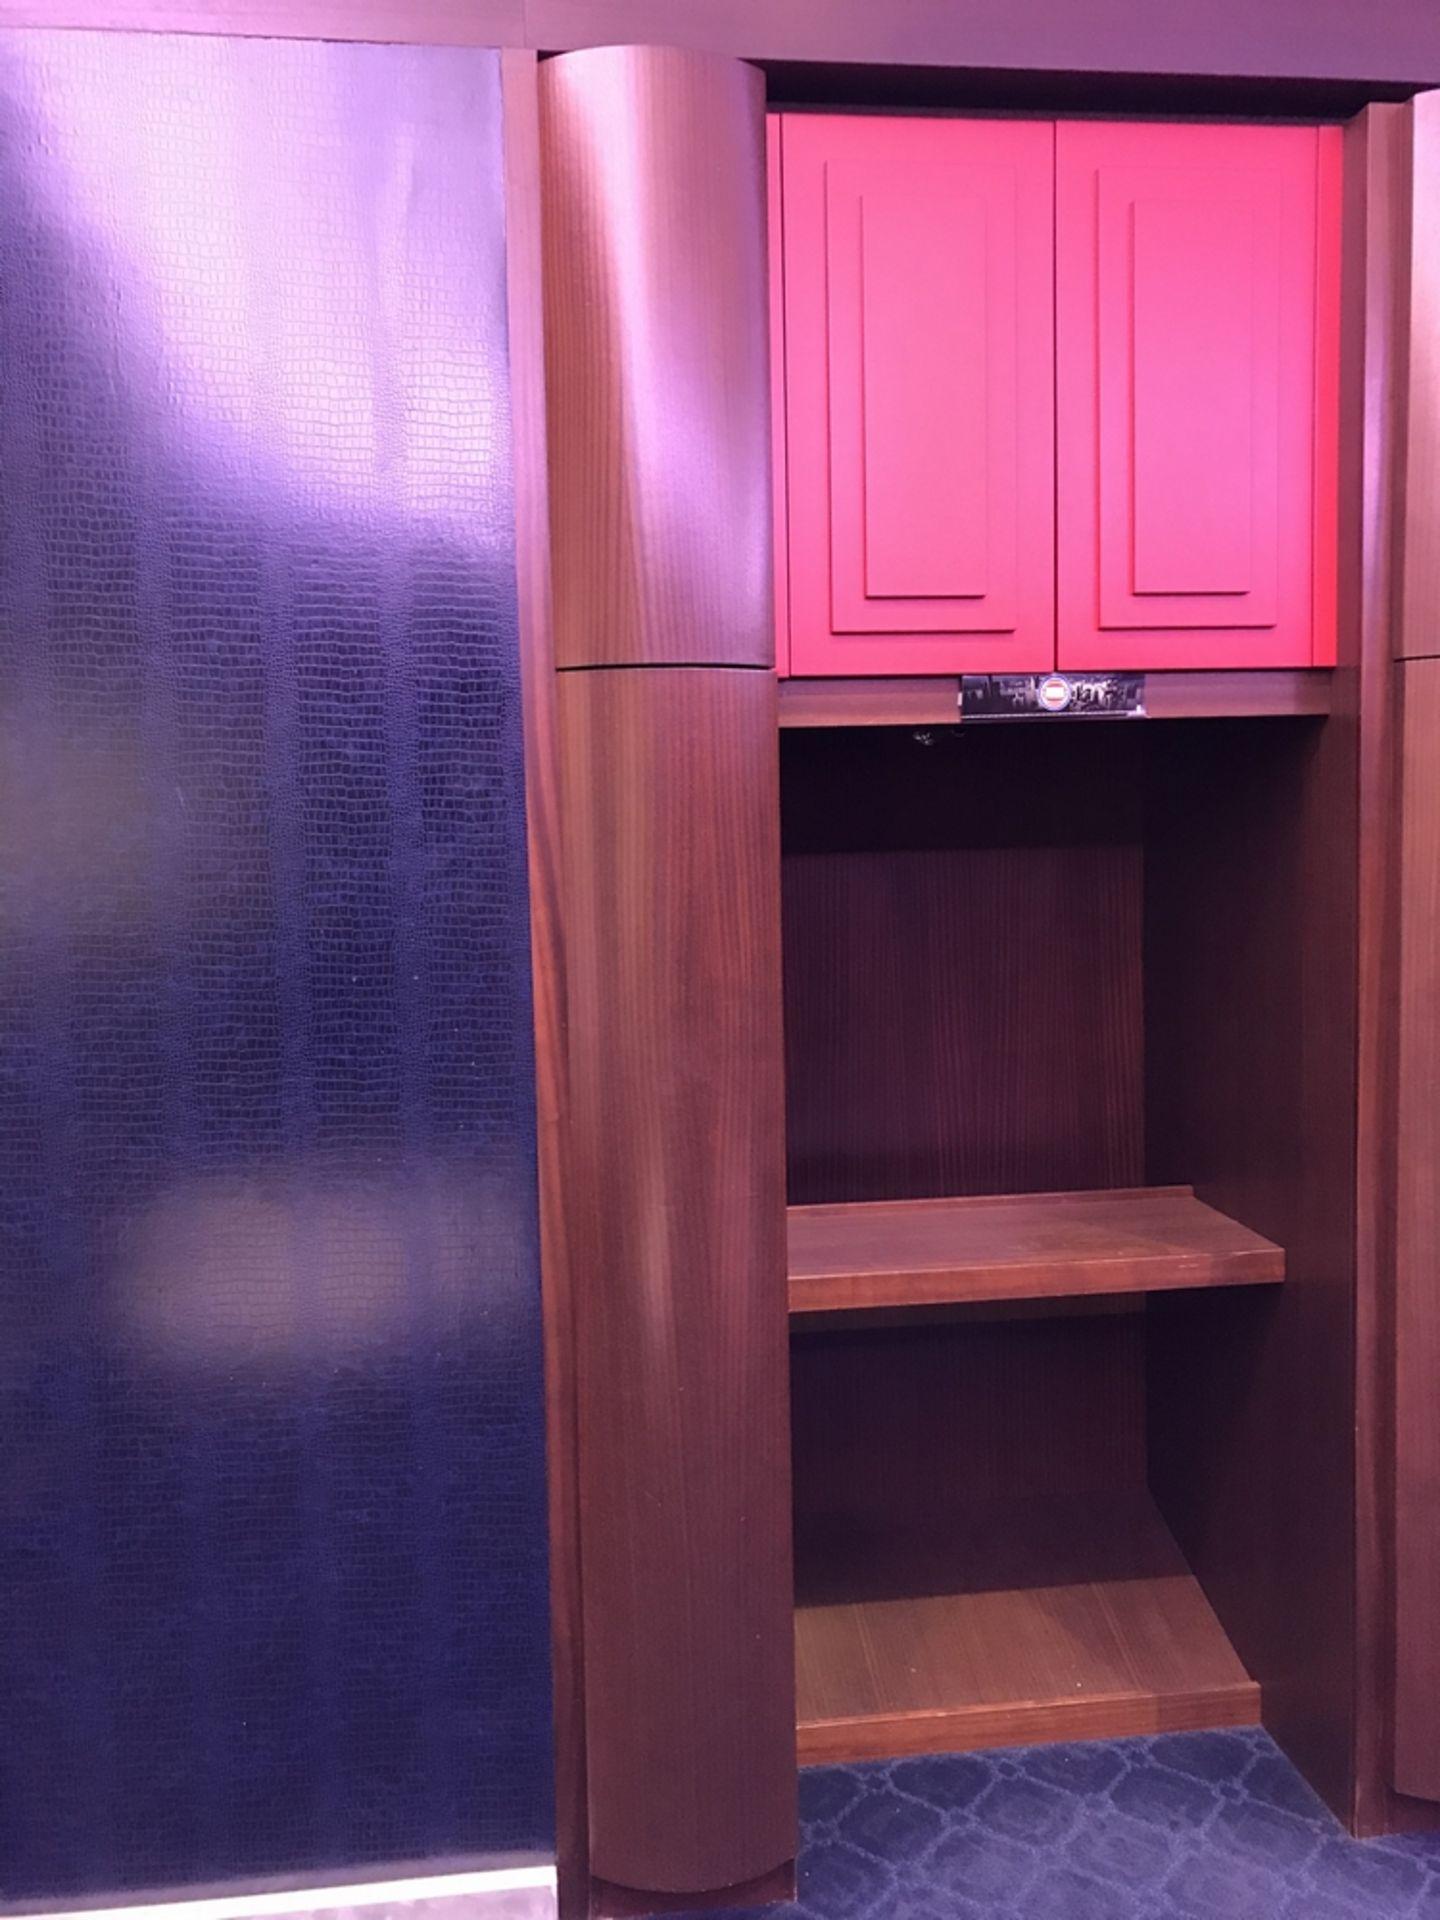 Lot 15 - Piston Player Locker , Dim. 62 in w x 107 in h x 35 in d , Location: Locker Room ***Note from